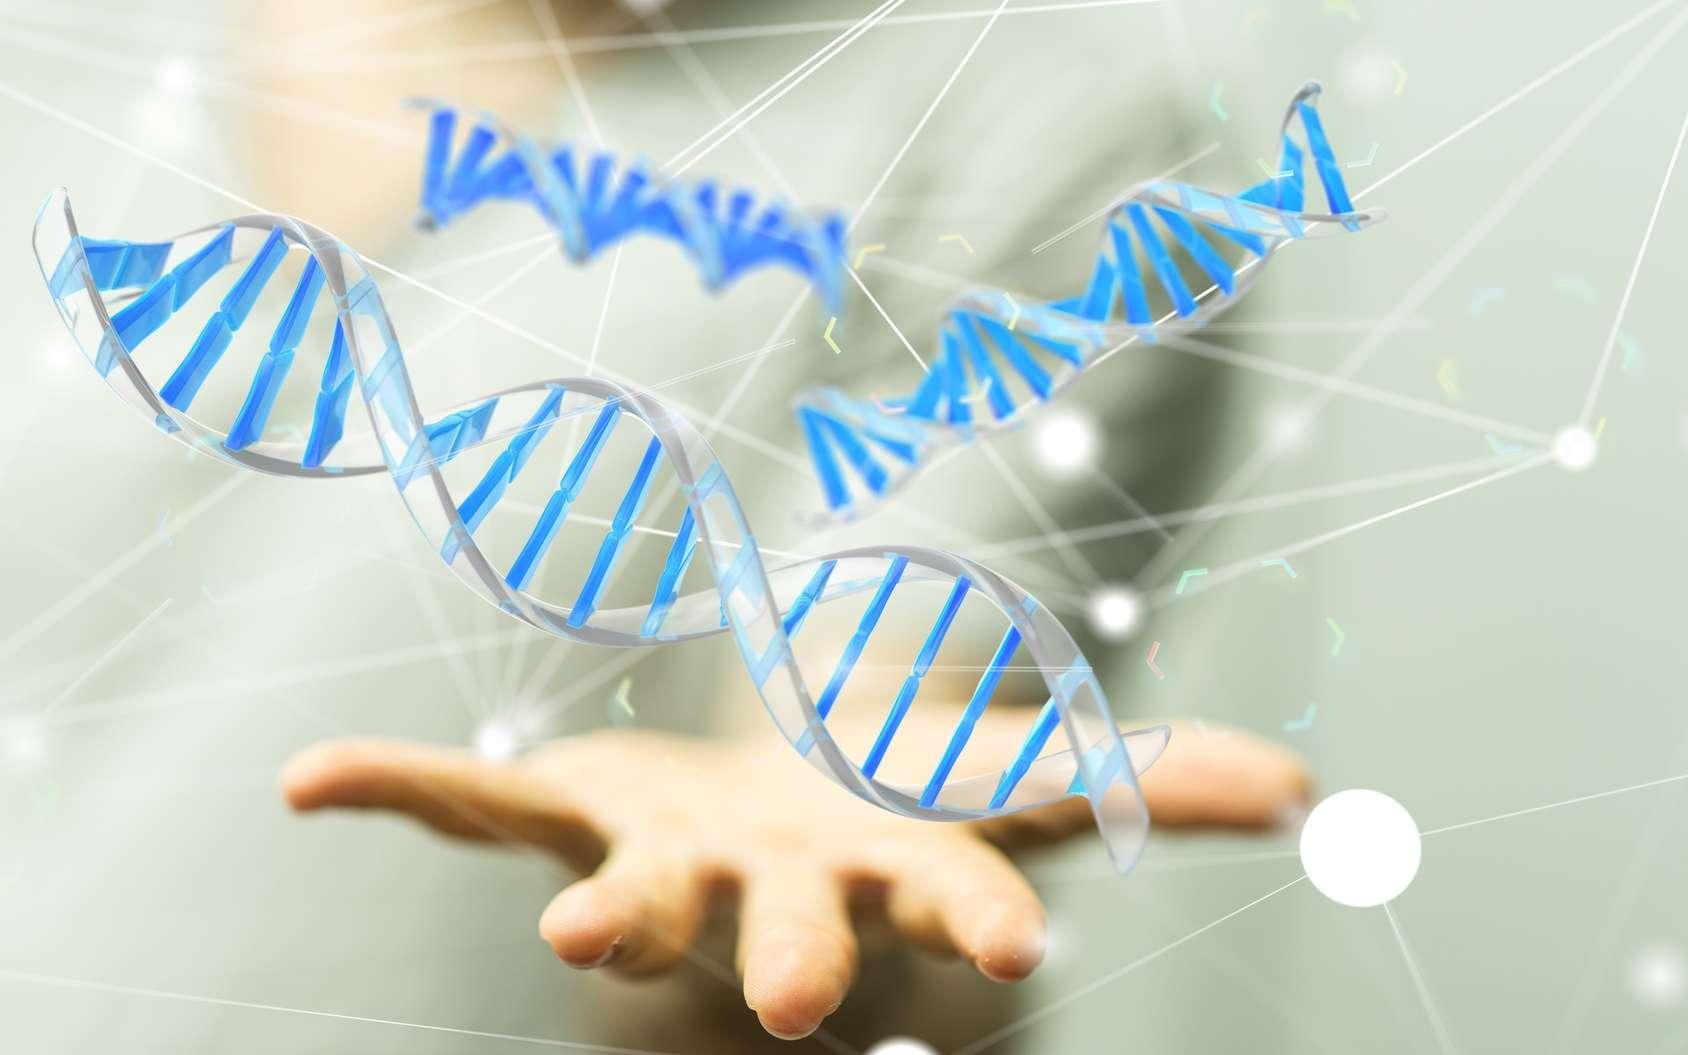 Le traitement de thérapie génique employé modifie des cellules immunitaires du patient pour que celles-ci luttent contre la leucémie. © vege, Fotolia